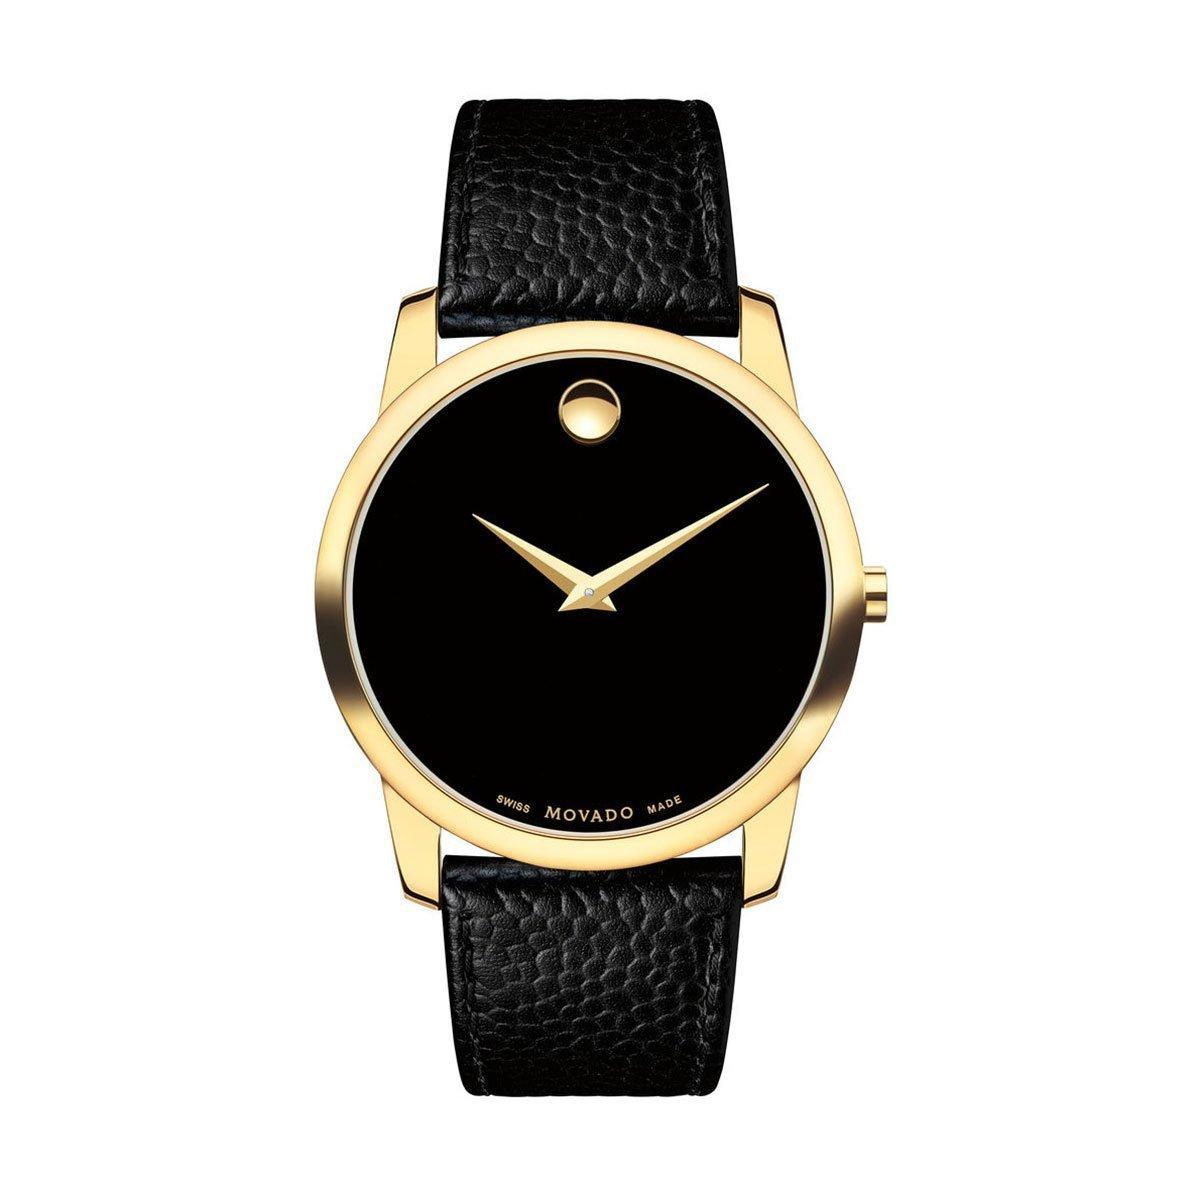 Movado Mens Museum Classic Analog Business Quartz Watch (Imported) 0607014